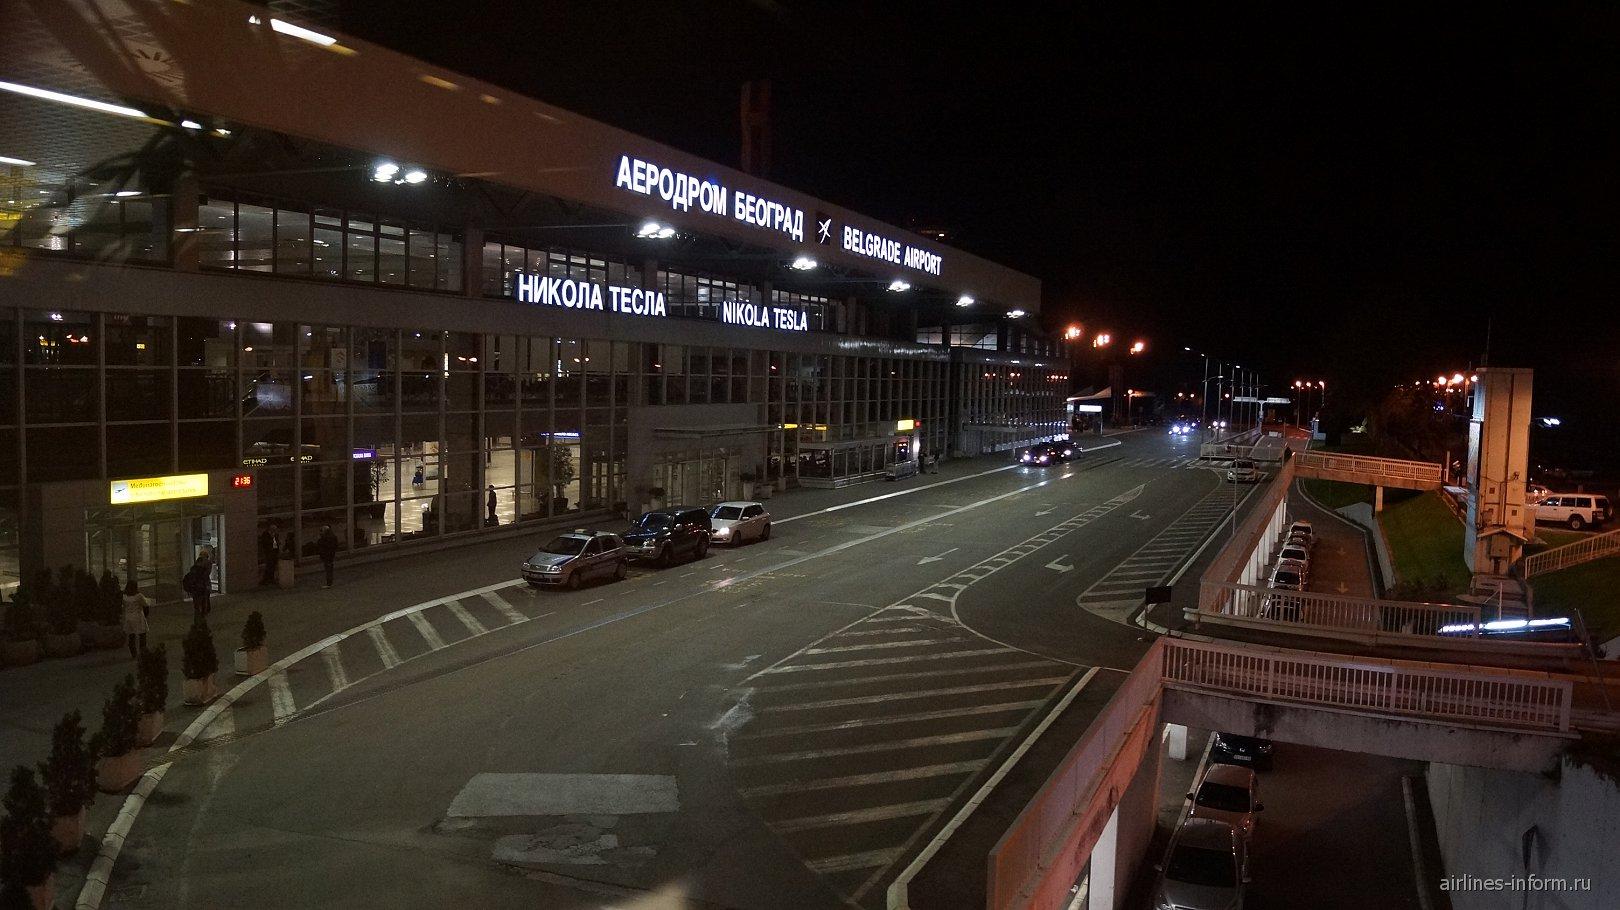 Терминал 2 аэропорта Белград Никола Тесла